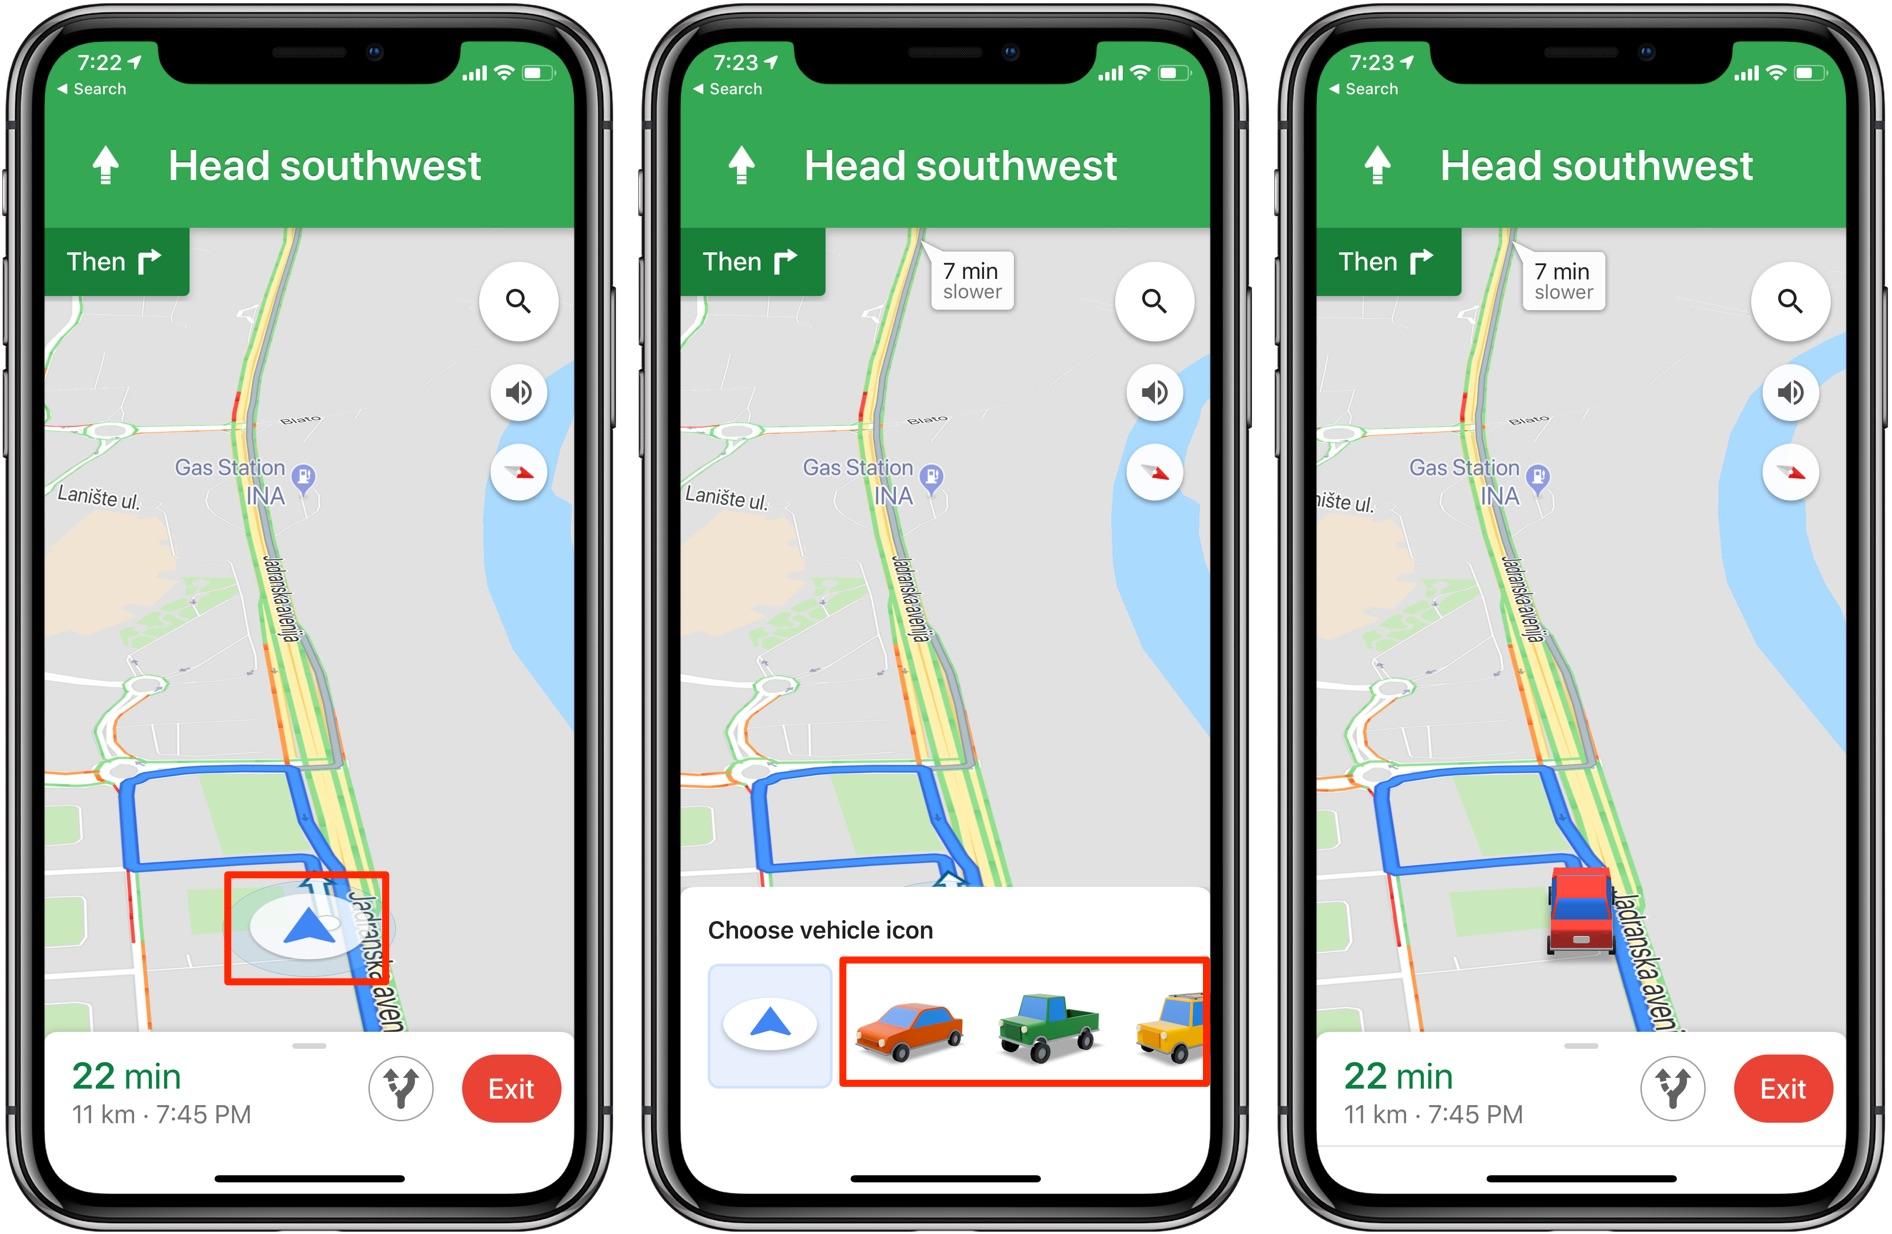 ¿Lo notaste? Google Maps para Android ha agregado nuevos íconos de vehículos